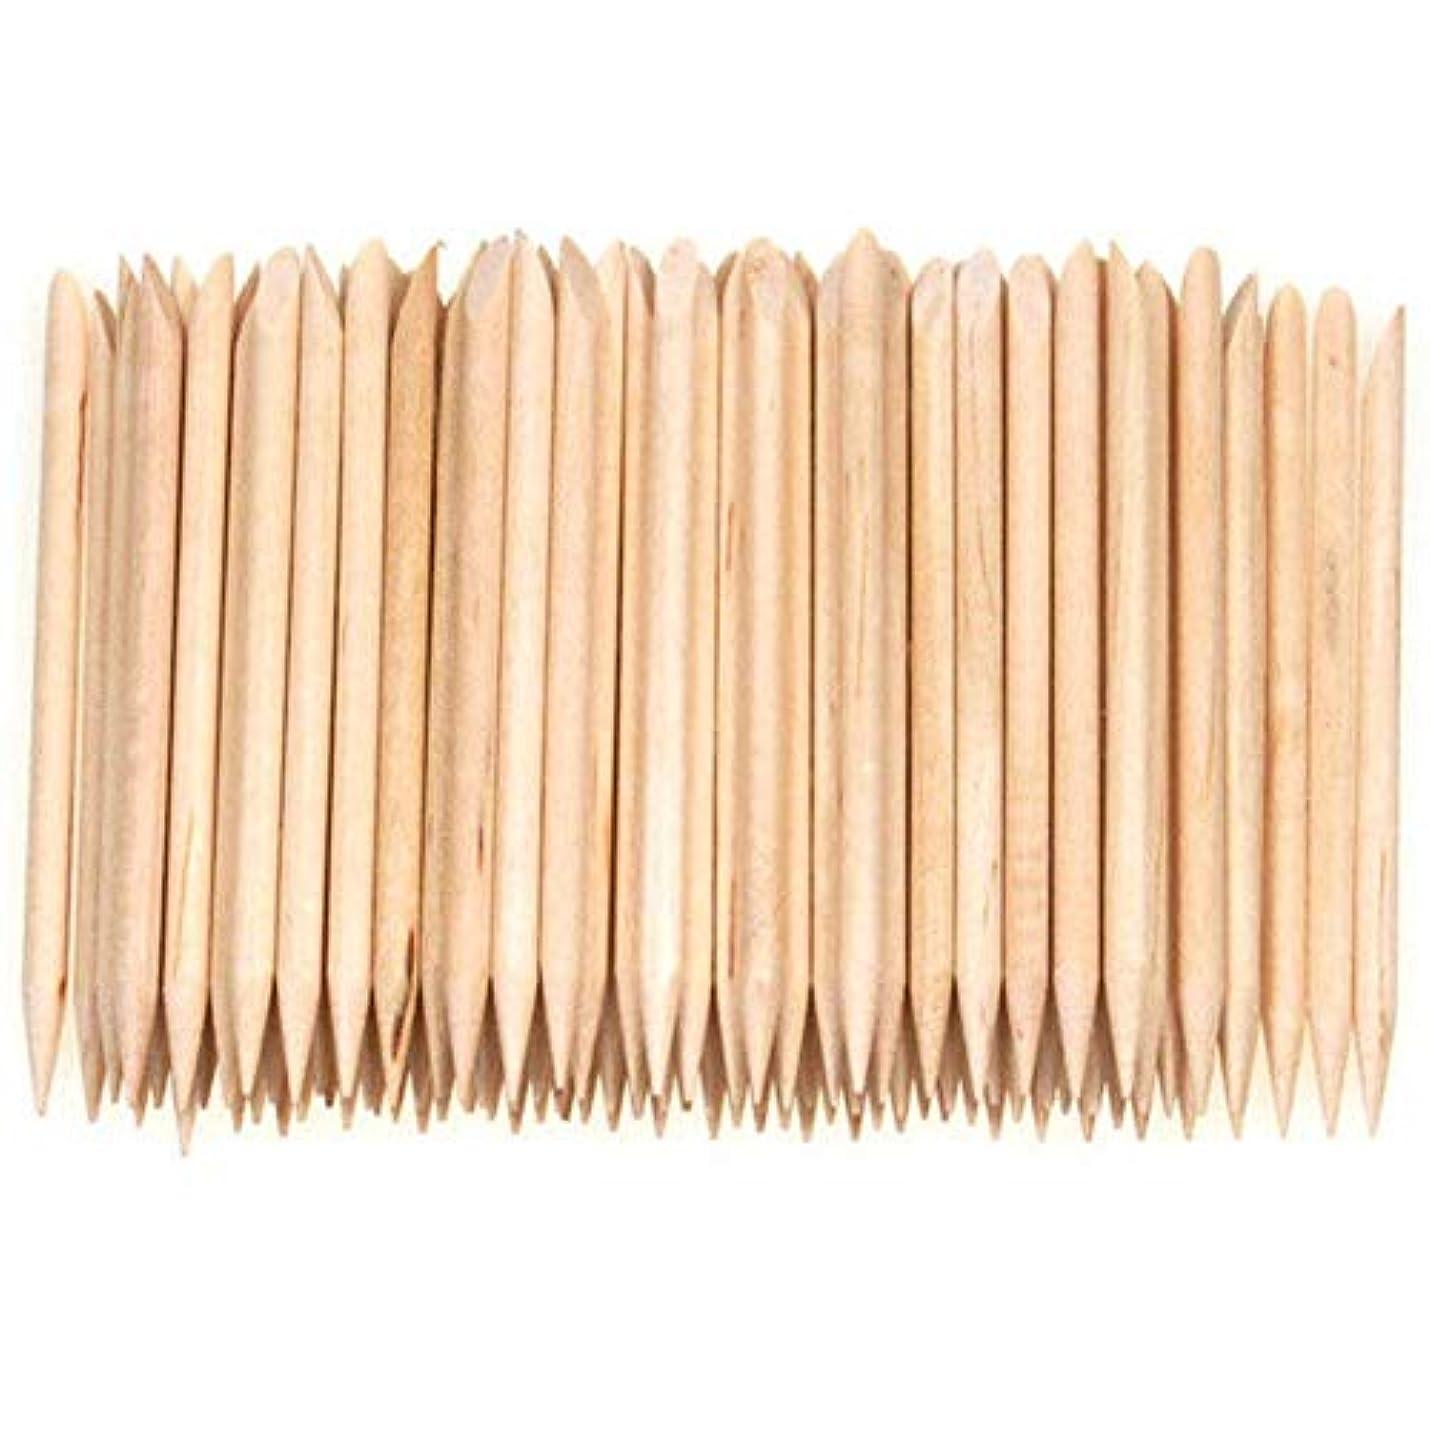 バンジョー不規則性申請者Gaoominy 100個ネイルアートデザイン木製の棒キューティクルプッシャーリムーバーマニキュアケア